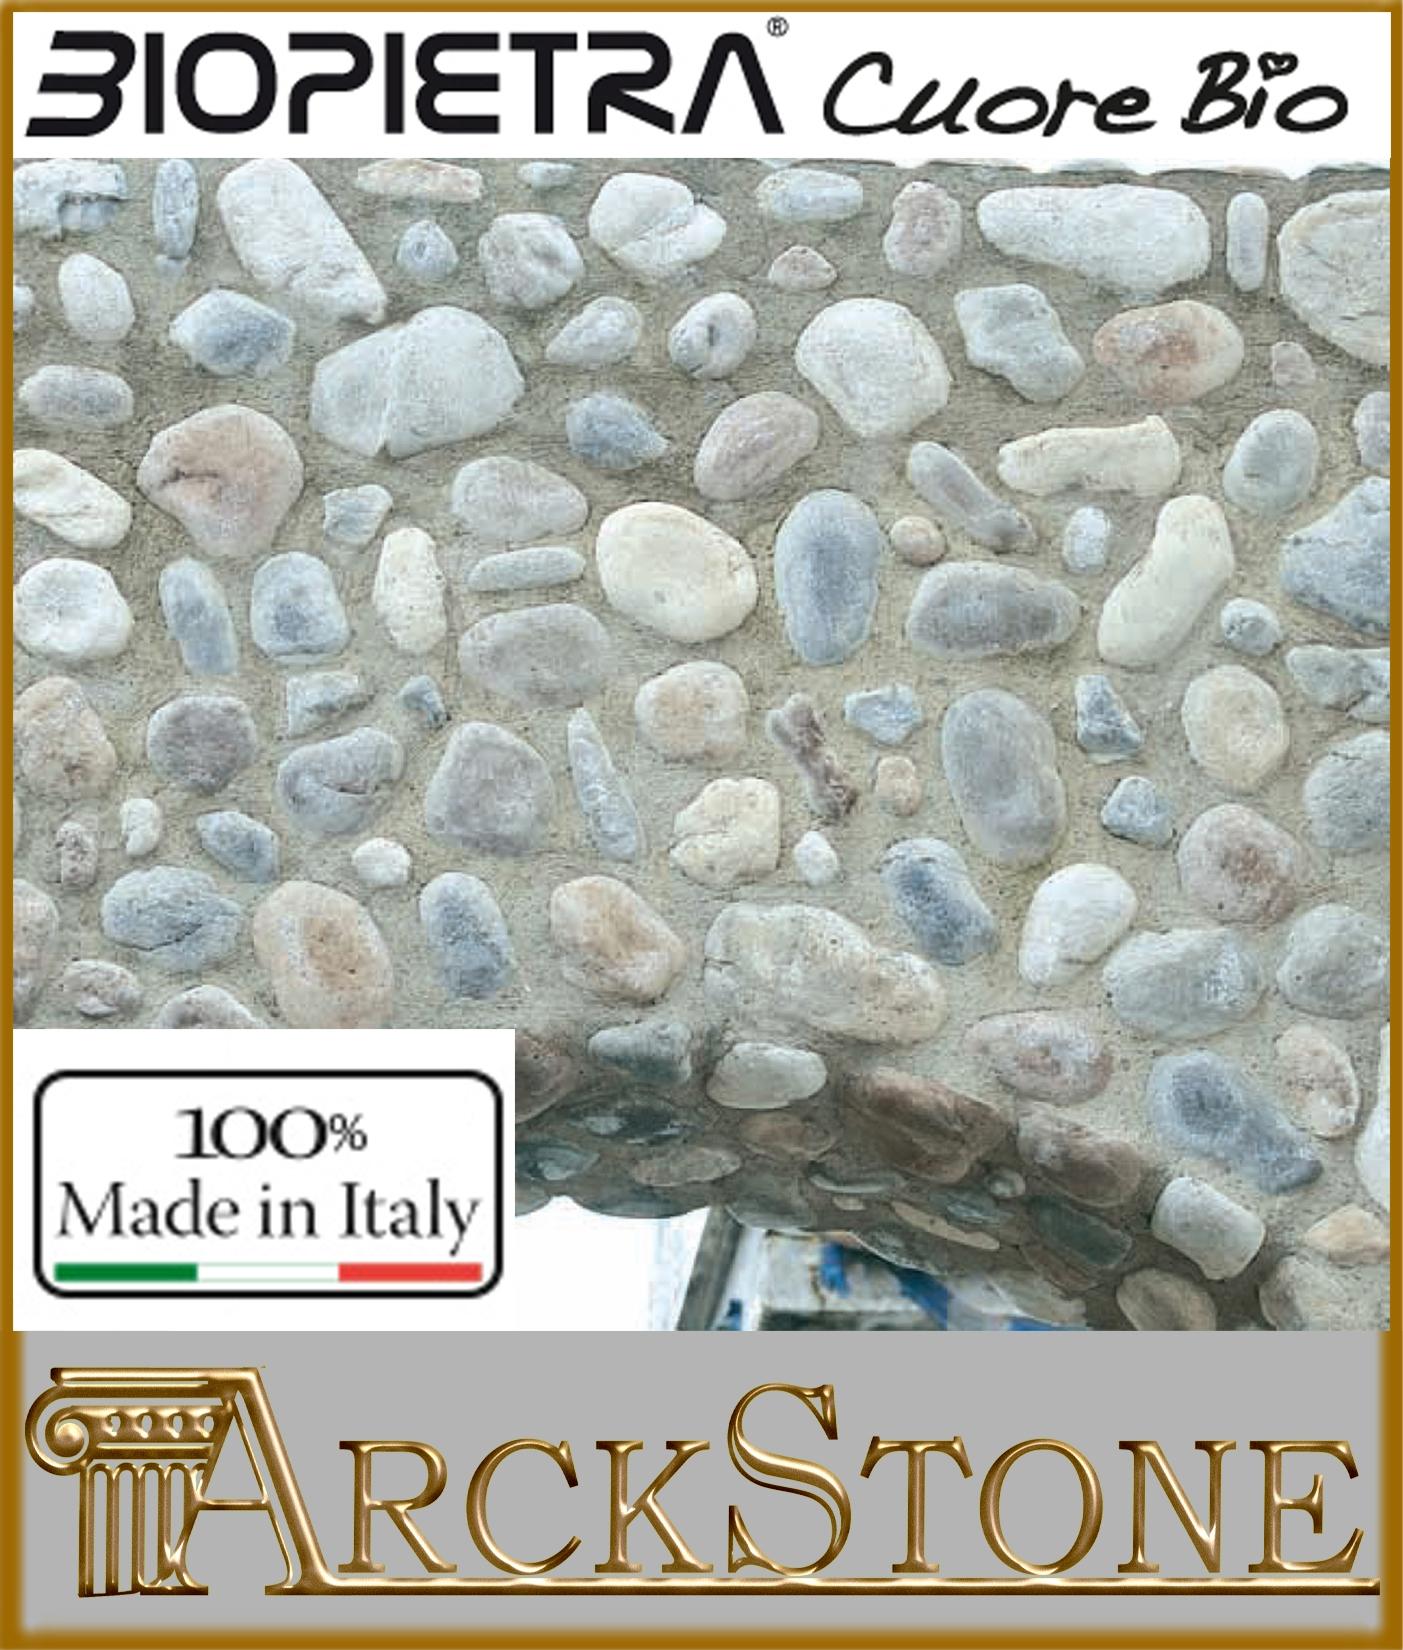 Quelle Colle Utiliser Pour Les Galets détails sur arckstone couverture pierre recomposé kerma biopietra galet  rivière granit